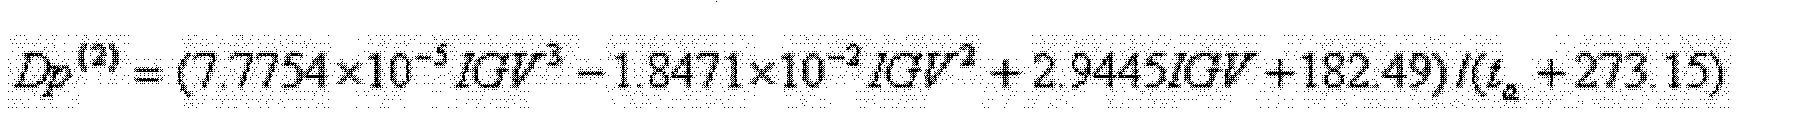 Figure CN102877945BD00124